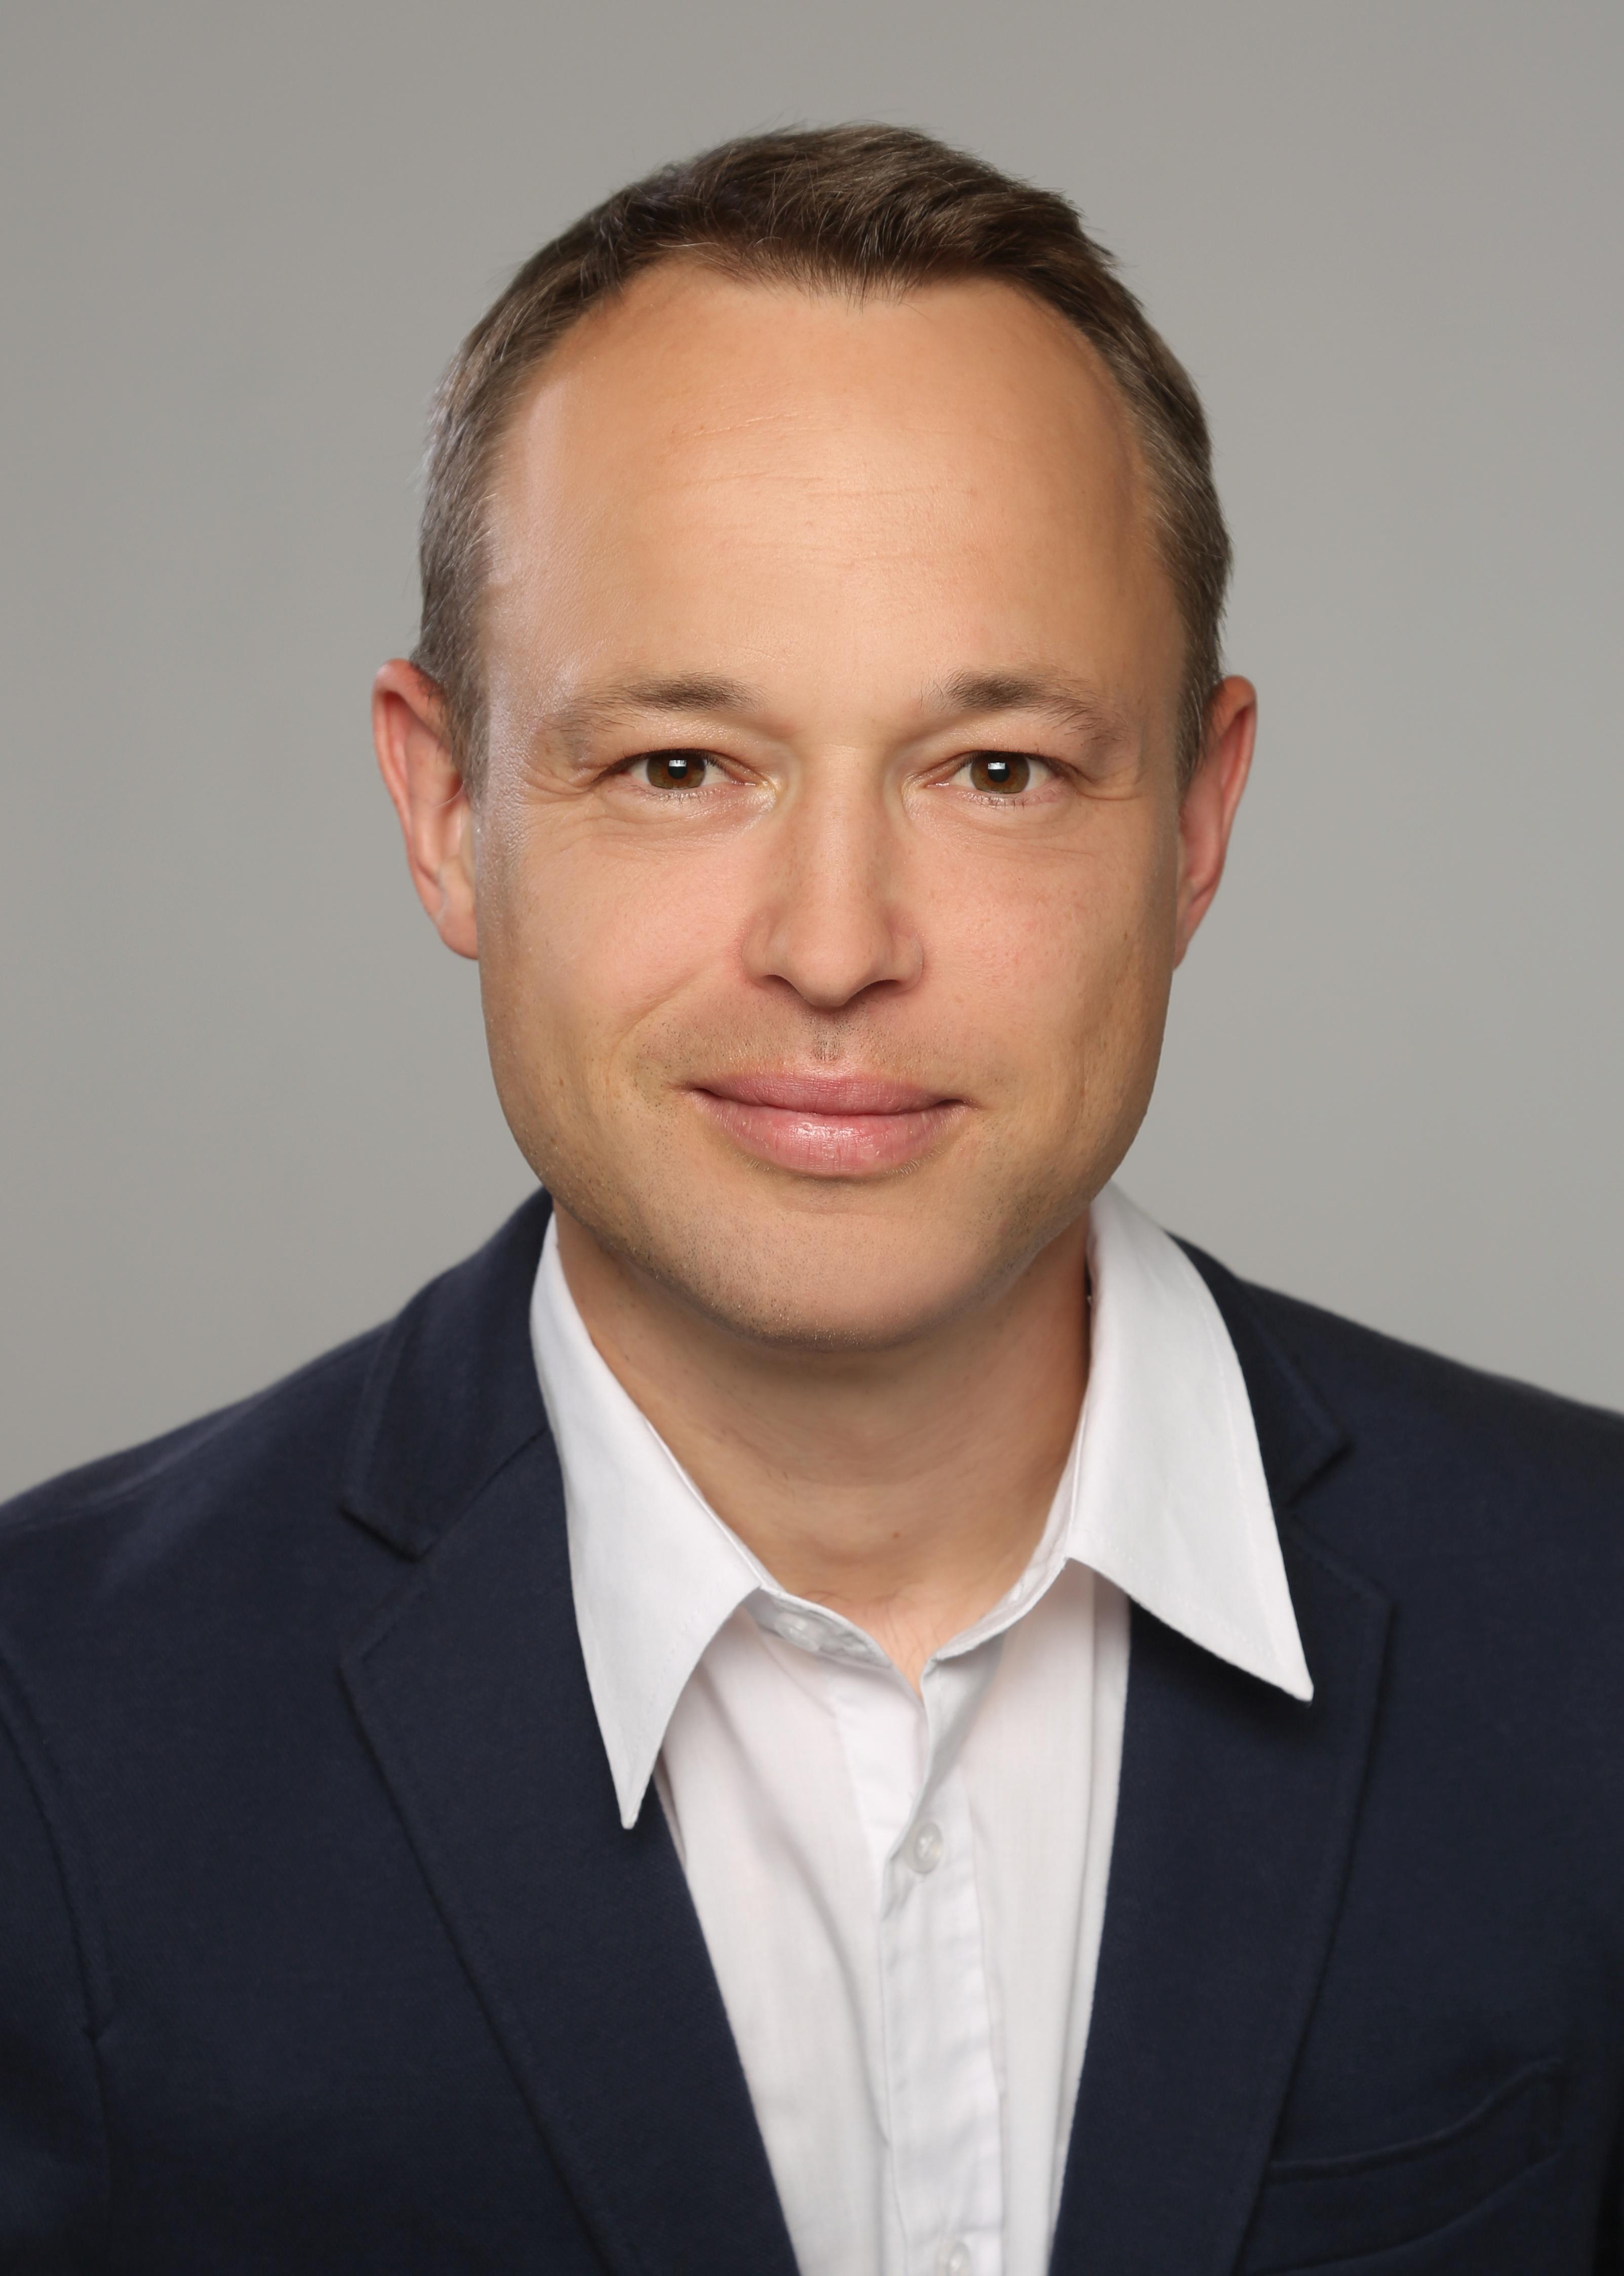 Raphael Bossong